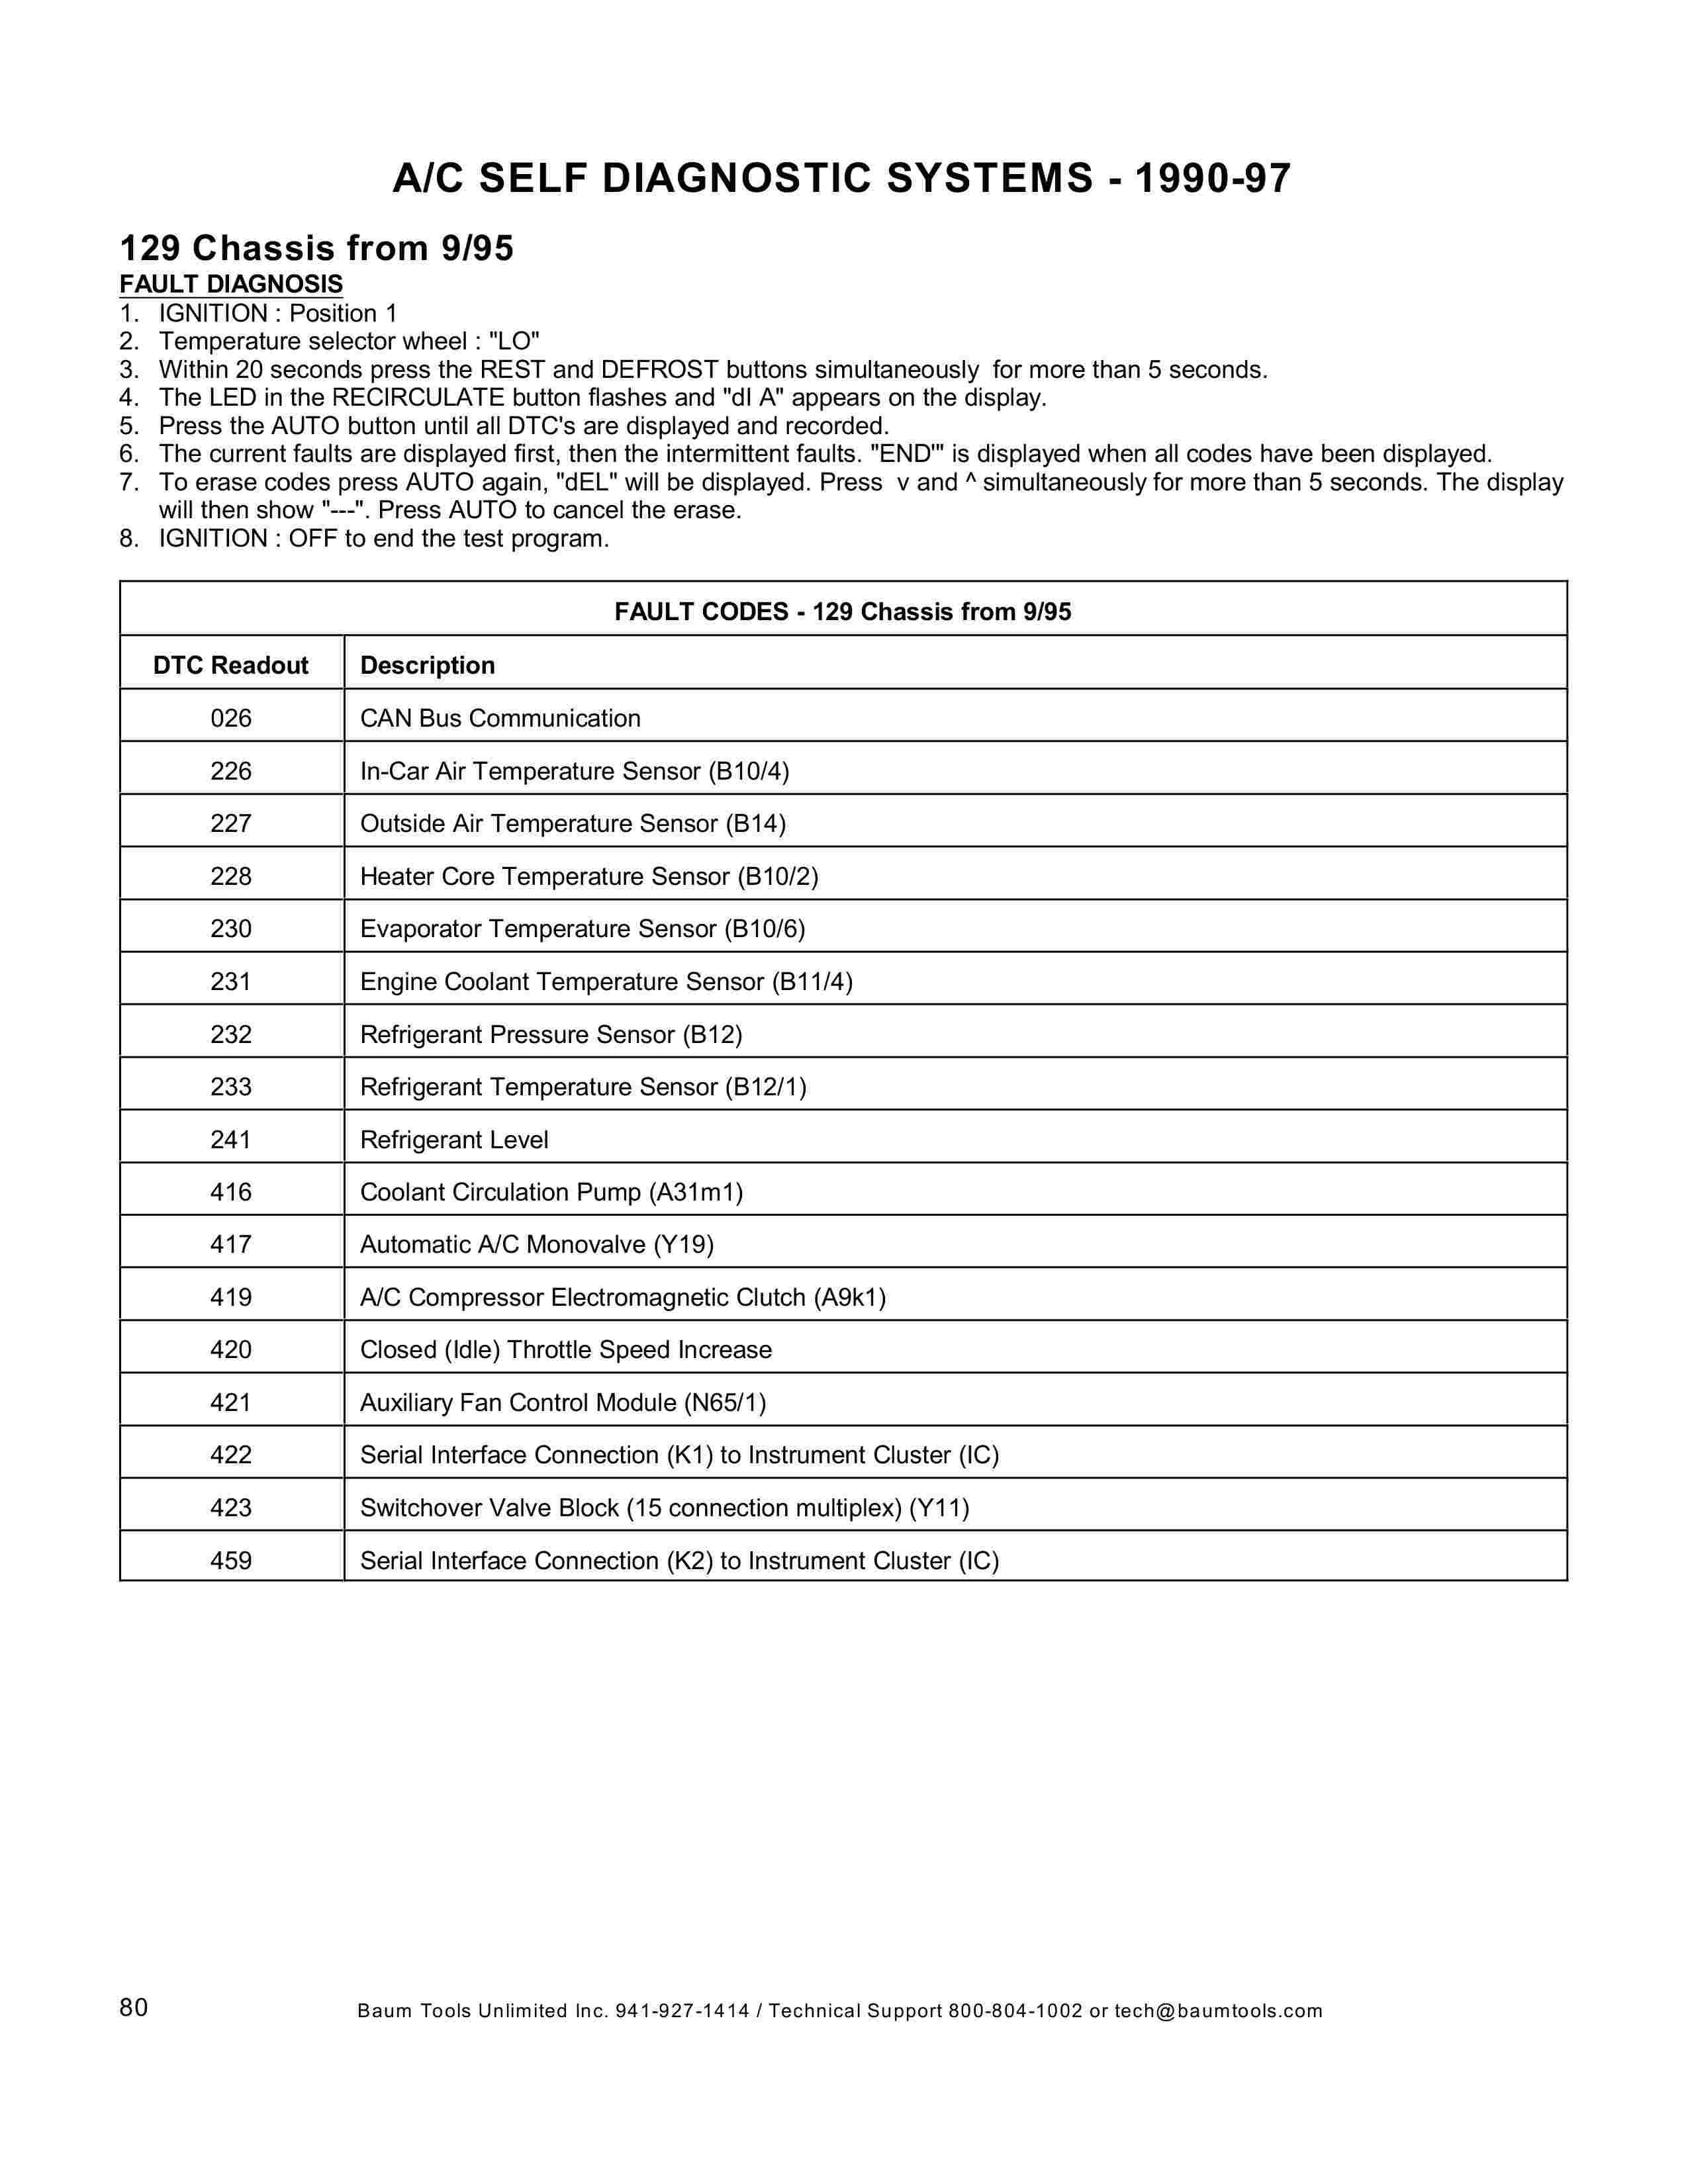 (AJUDA GERAL): Manual de códigos das falhas - analógico e digital - 1988 a 2000 008013